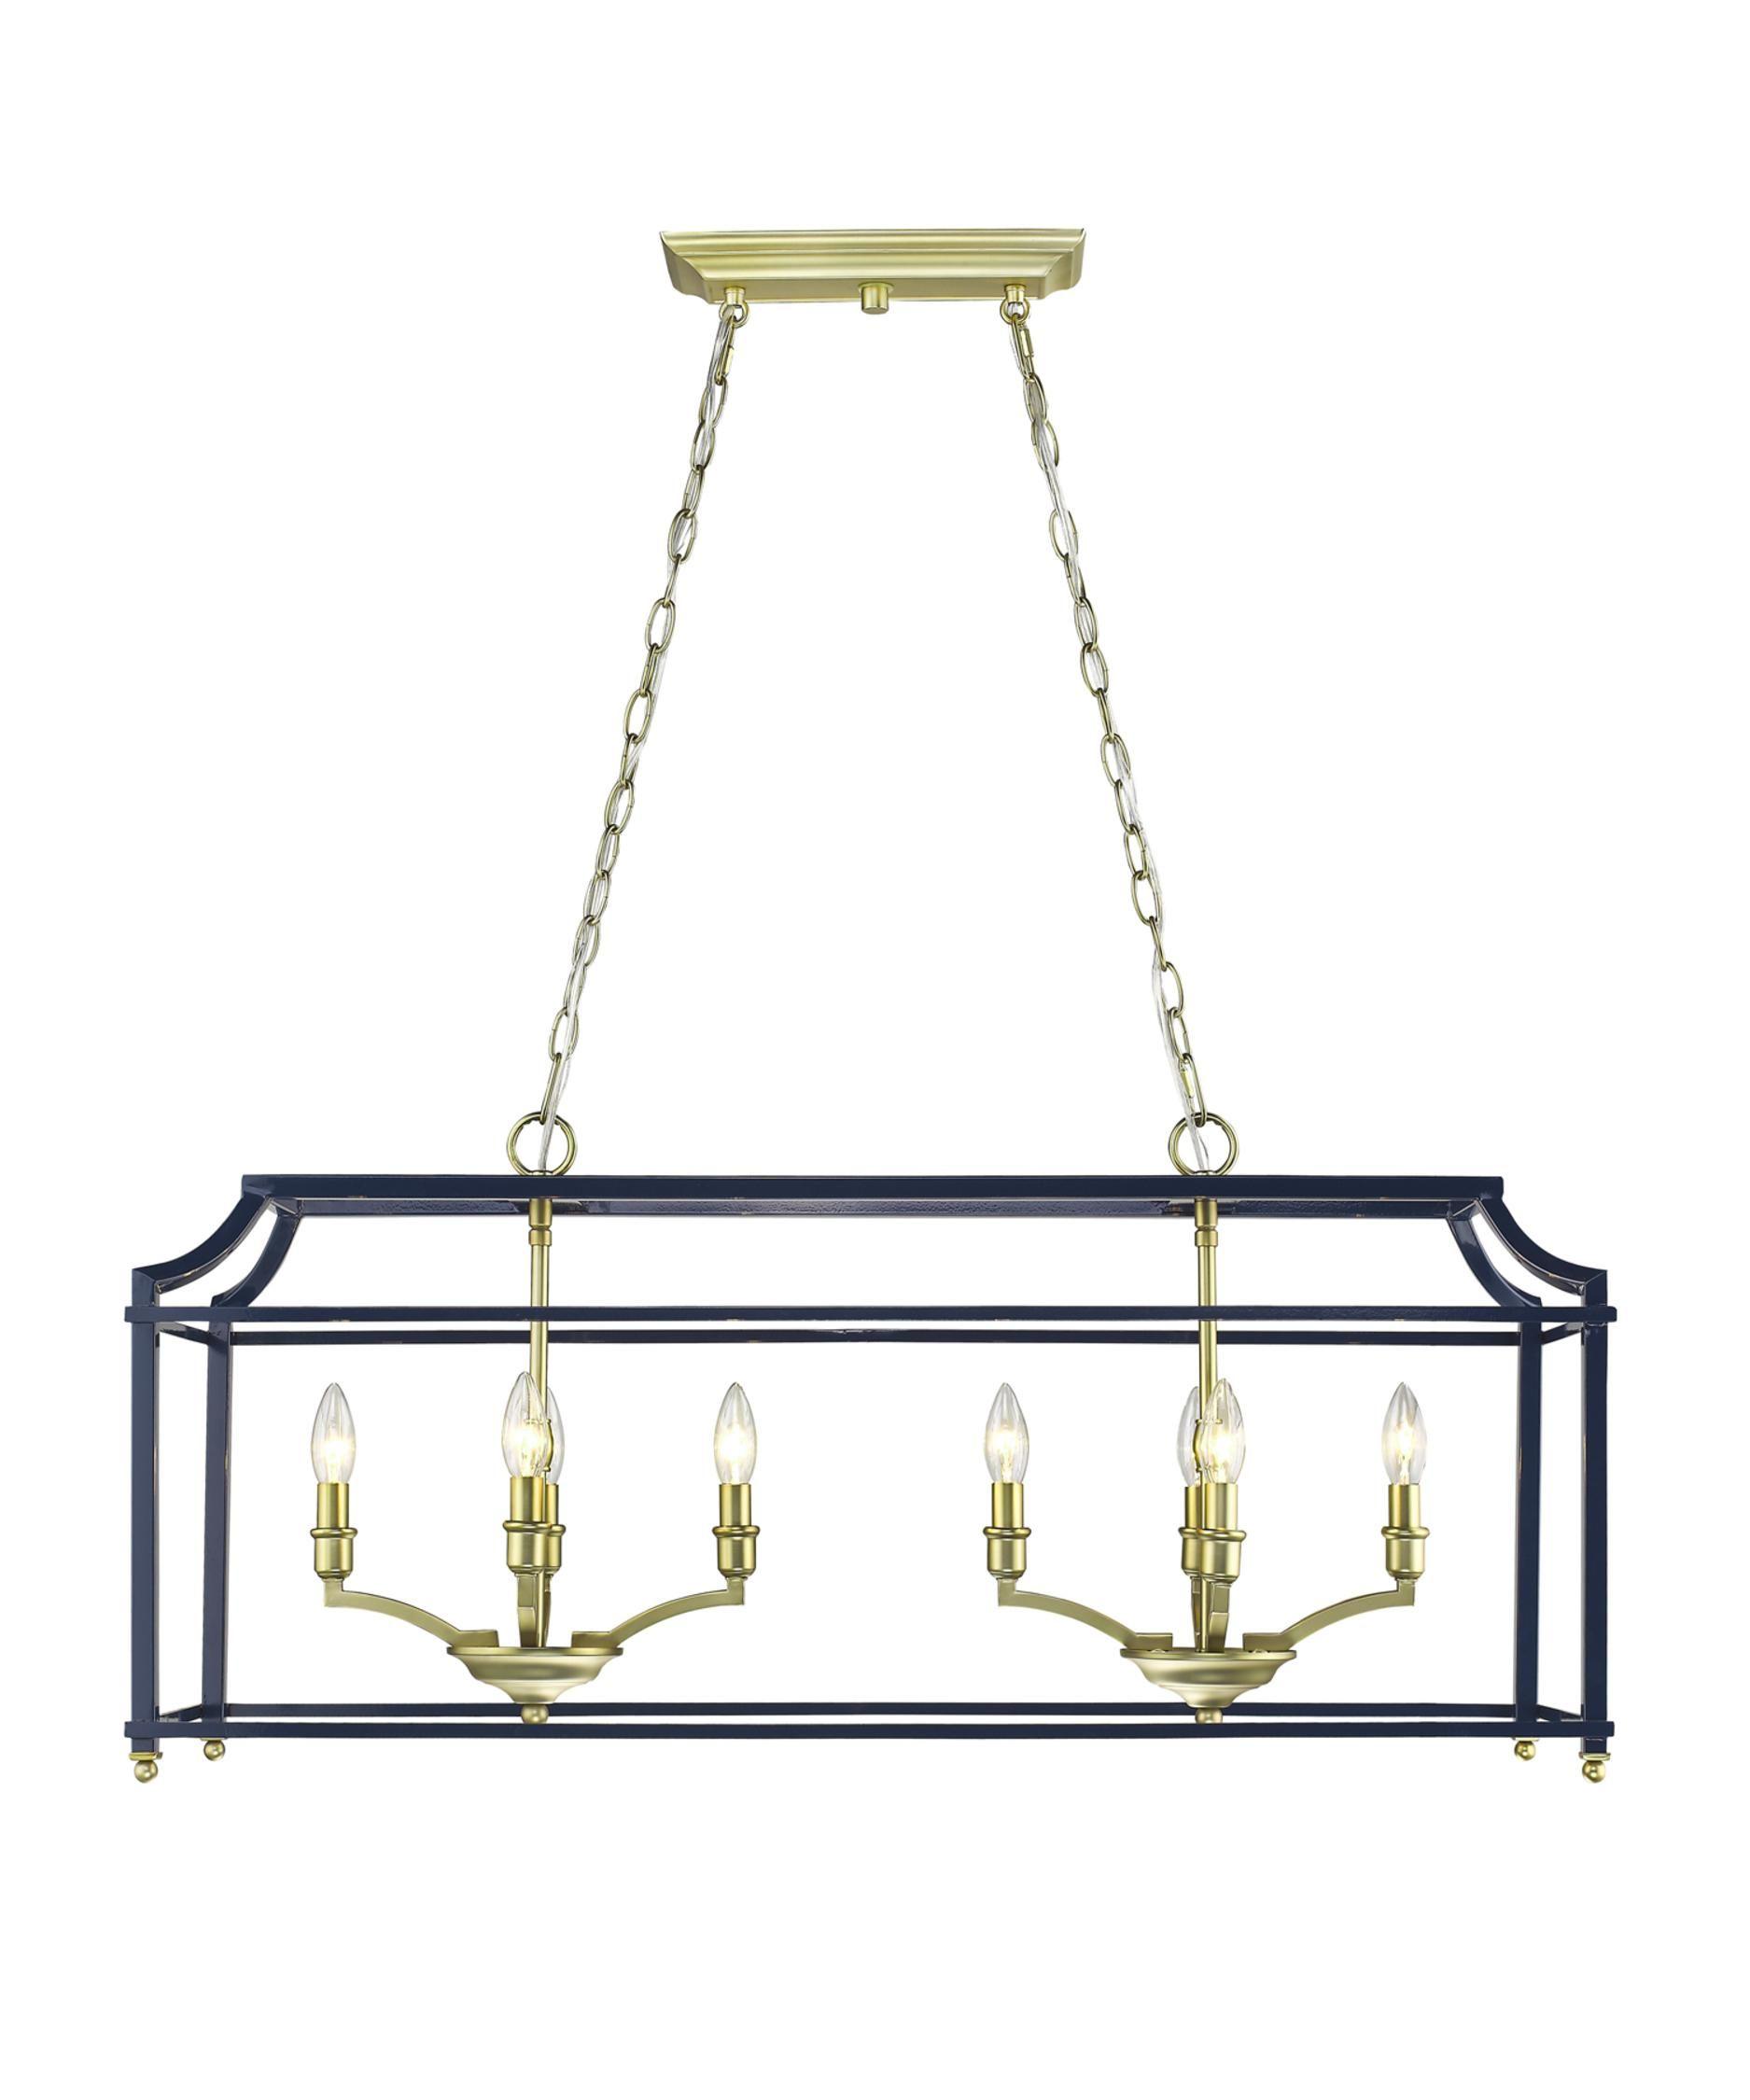 golden lighting fixtures vanity golden lighting 8401lp leighton 12 inch island light 39 wide in 2018 let